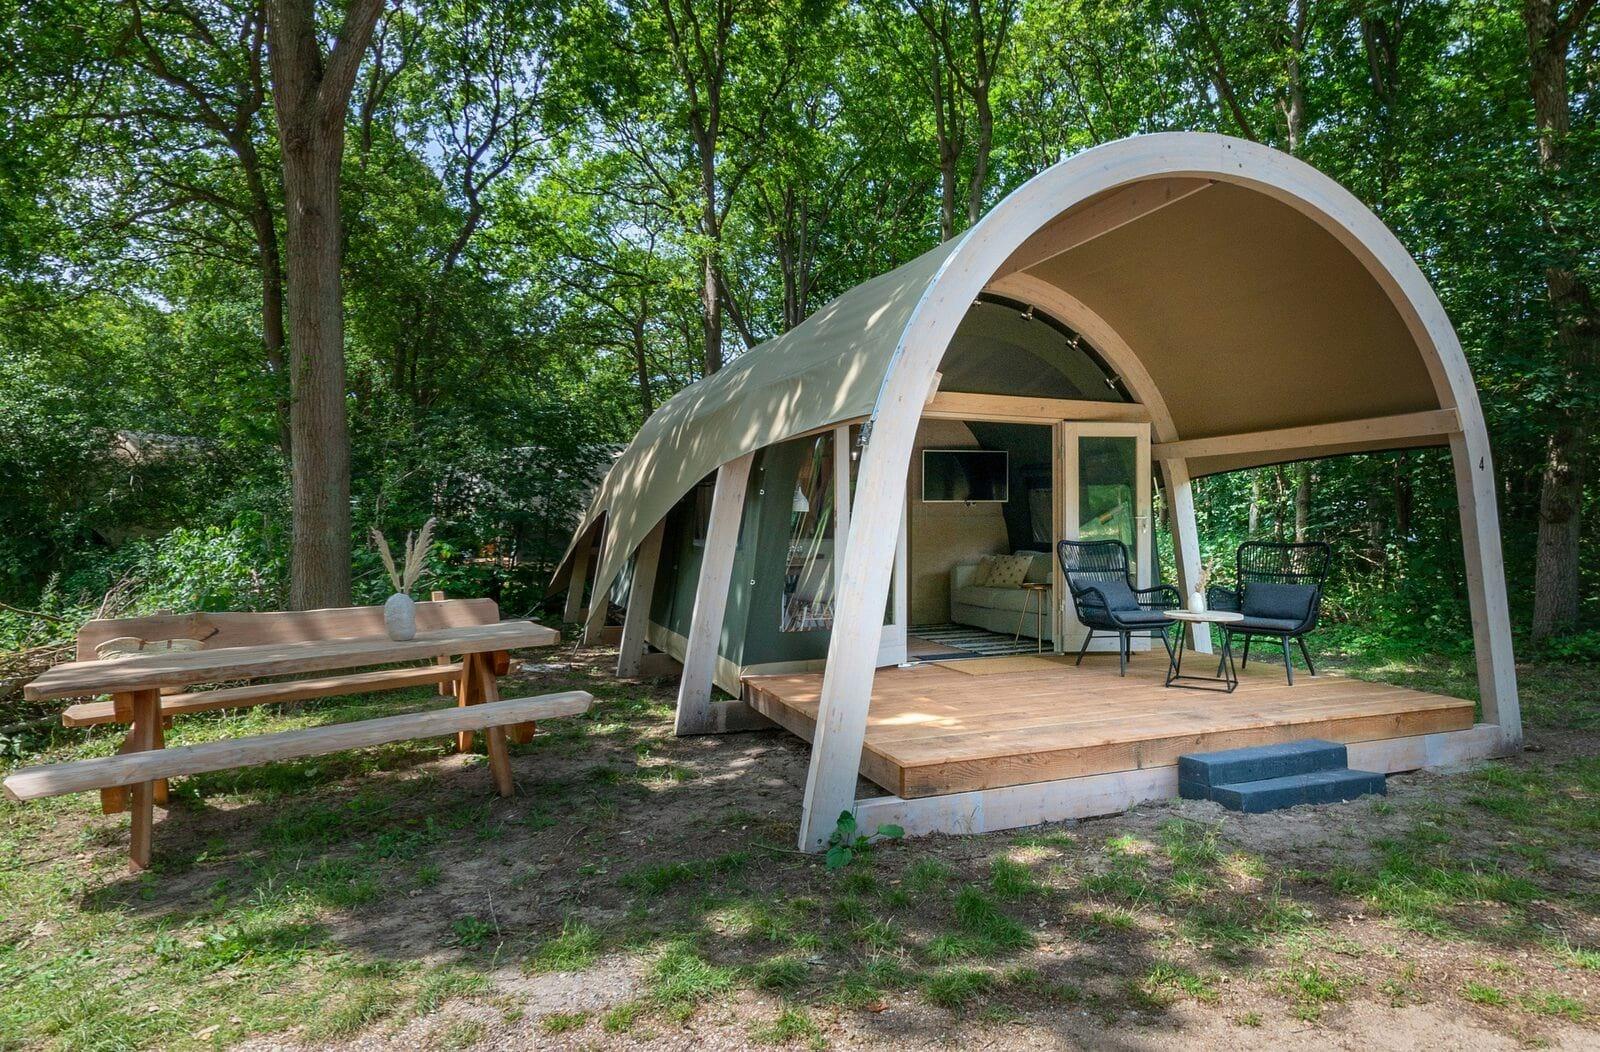 Supertrips - Glamping tenten in Enter